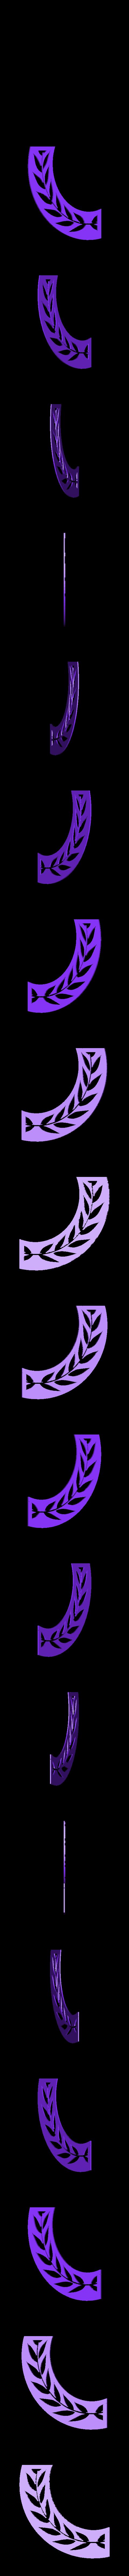 vexilloid-stencils2.stl Download free STL file Roman SPQR banner stencil • 3D print object, arpruss